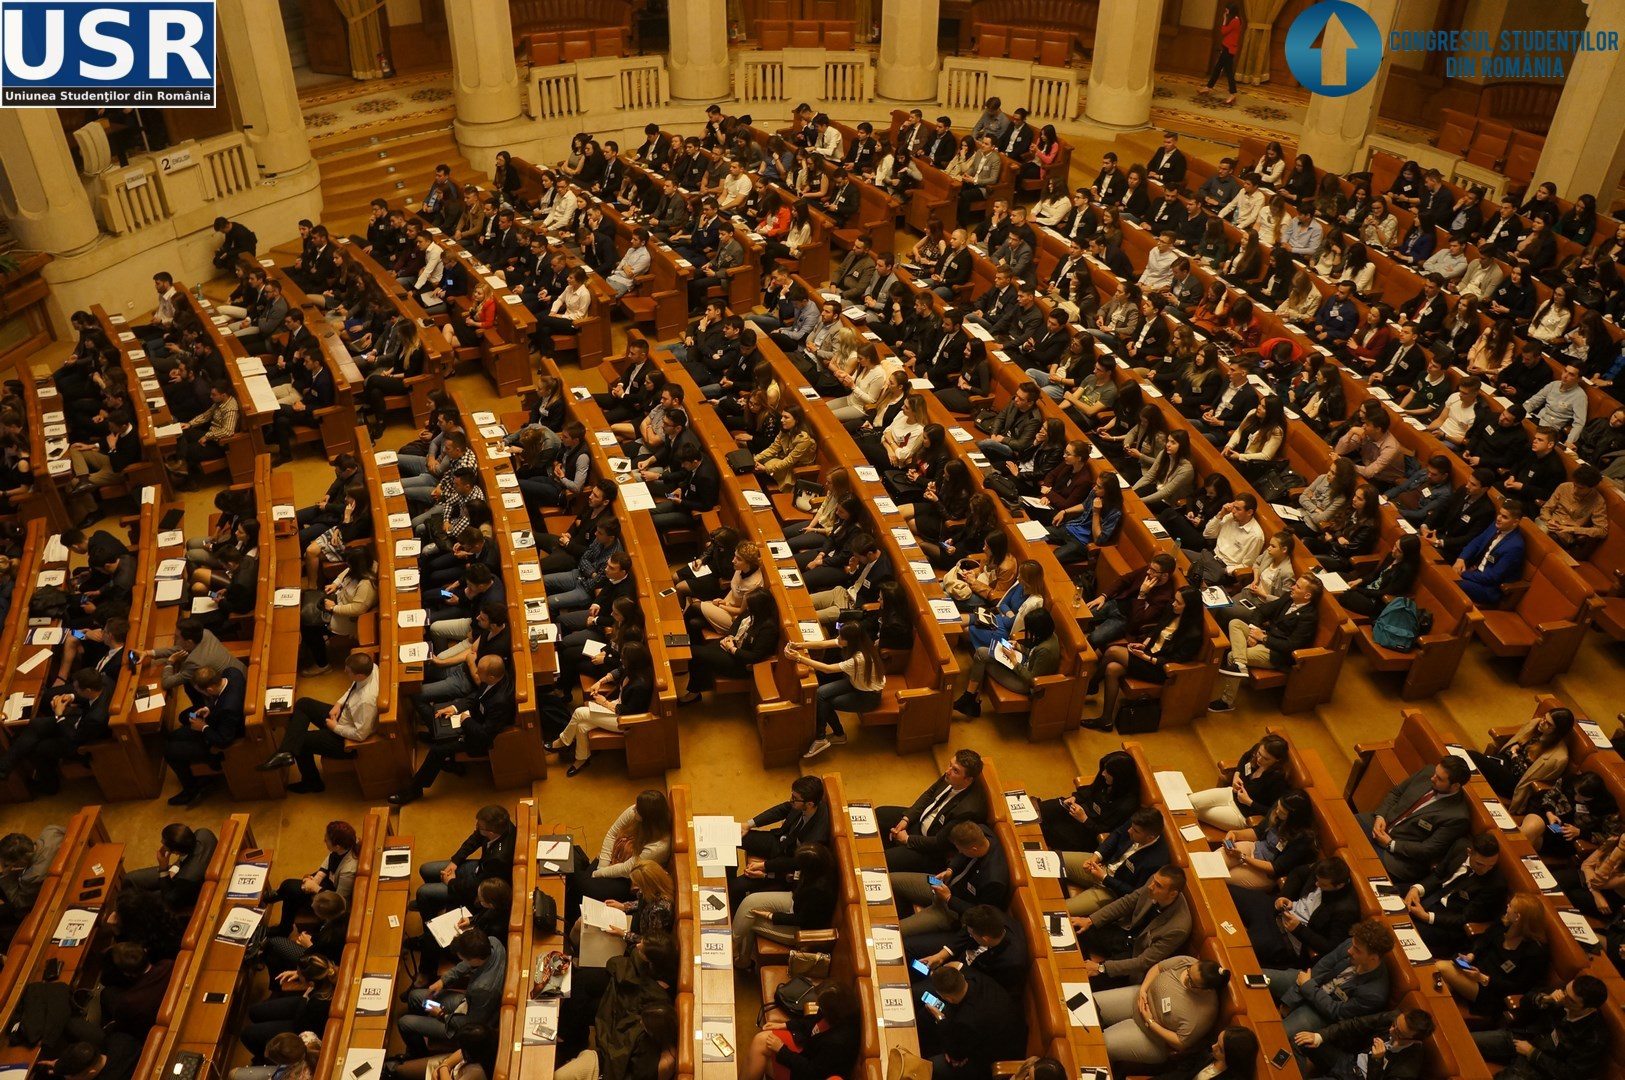 Congresul Studentilor din Romania